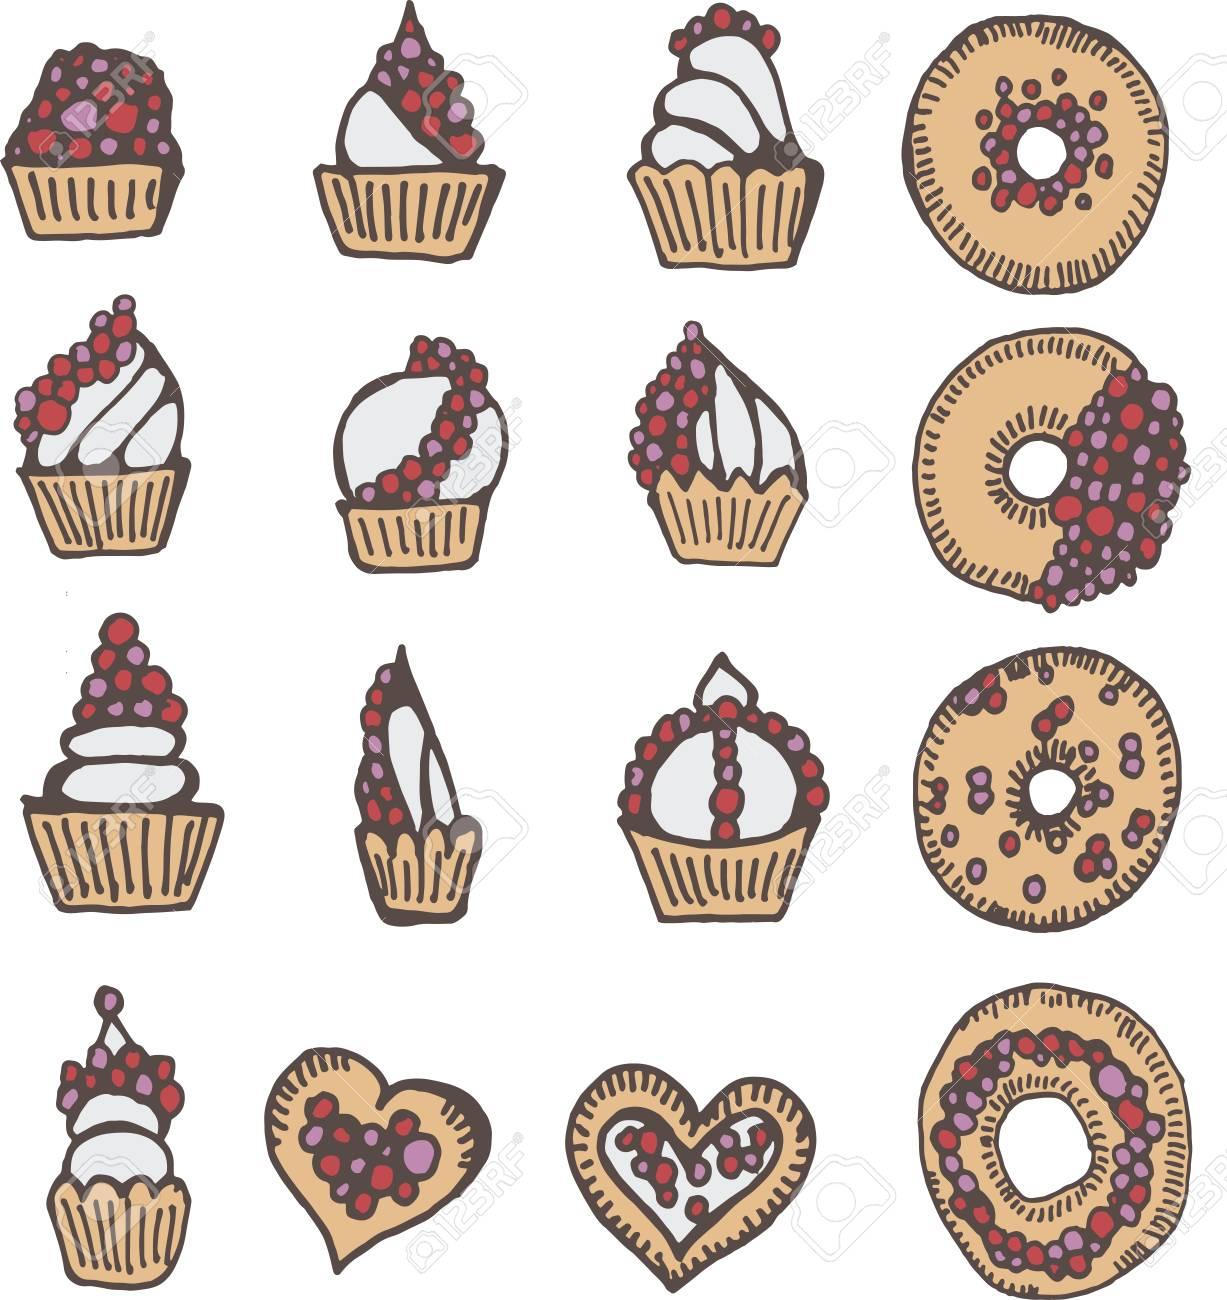 Coleção De Bebê Adorável Padaria Comida Doodle ícone Donut Bonito Arco íris Adorável Donut Massa Doce Kawaii Pastelaria Bolinho Feminino Em